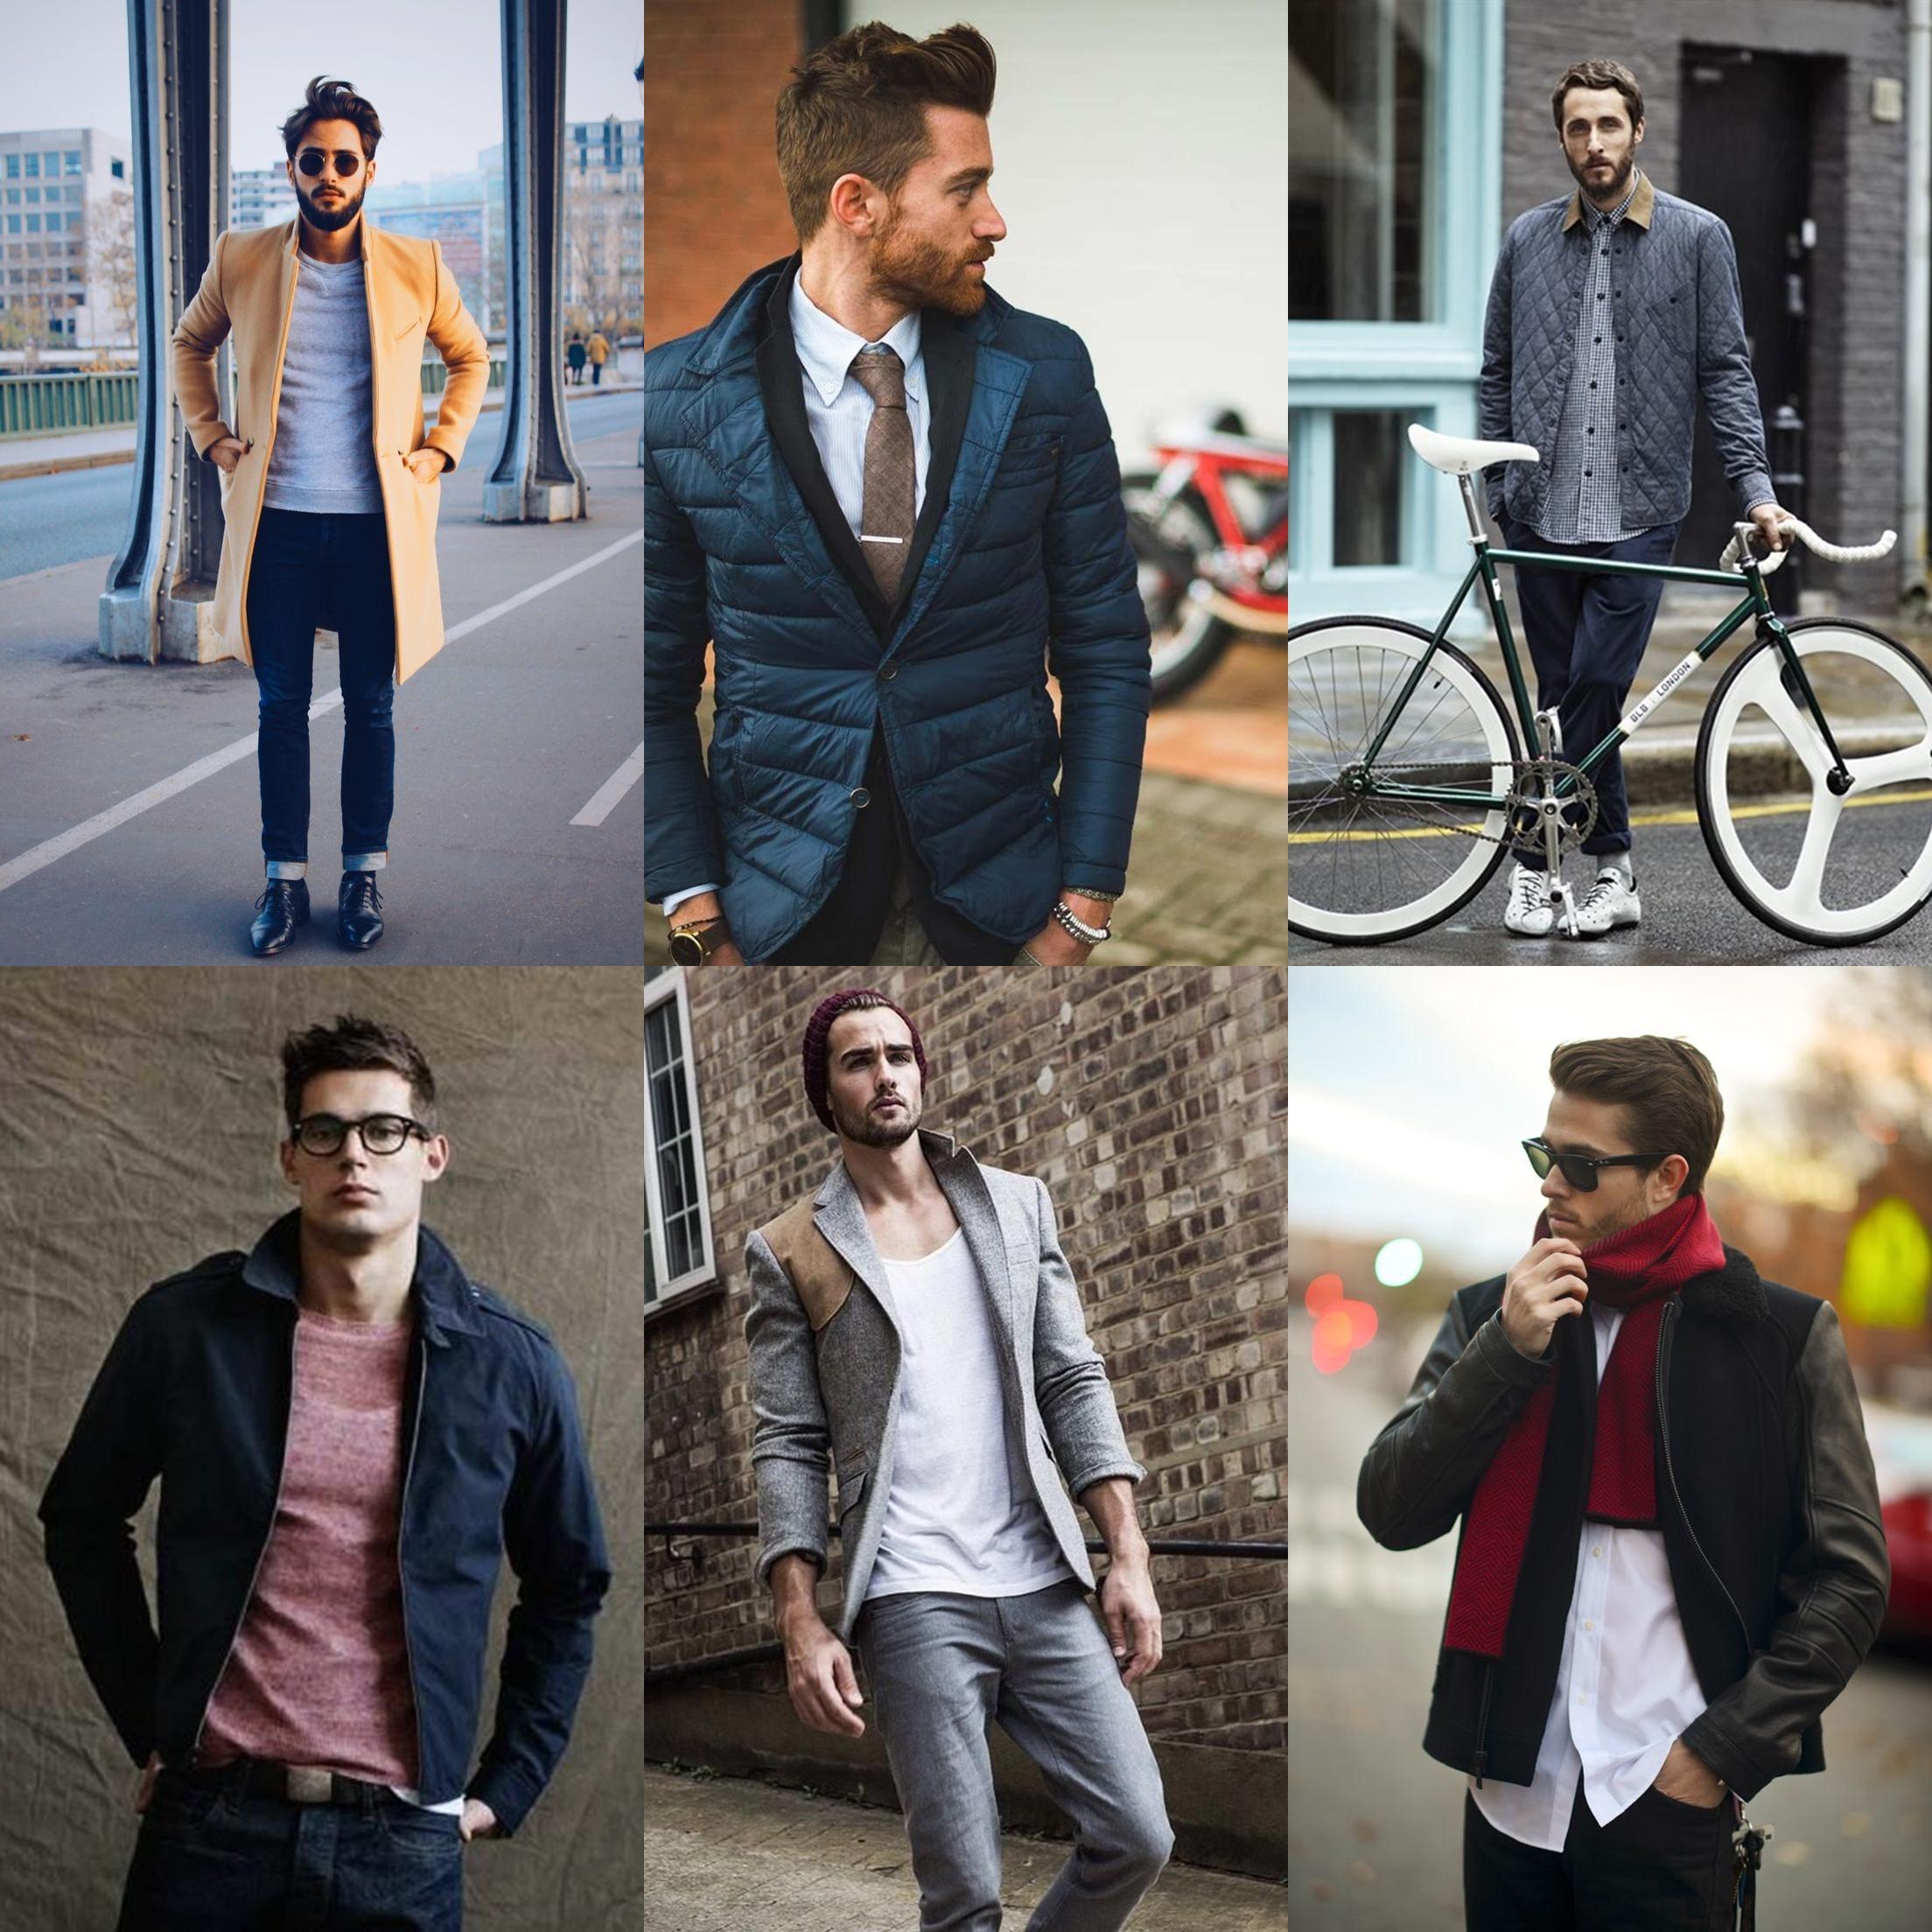 tendencia 2015, tendencia masculina, moda masculina, alex cursino, blog de moda, moda sem censura, trends, fashion tips, dicas de moda, dicas de estilo, style, mens, 6